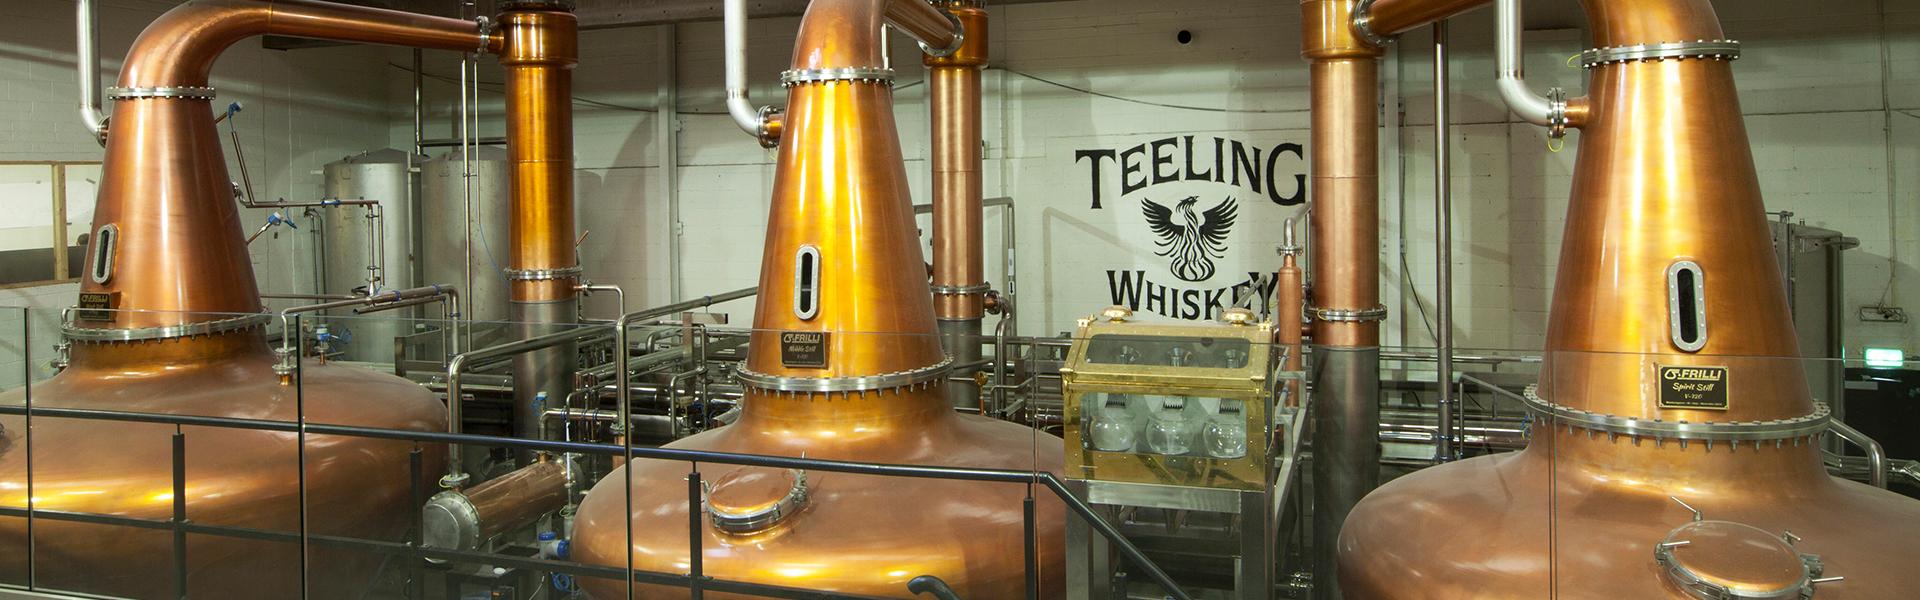 Teeling Whiskey utsedd till världens bästa irländska single malt whiskey för tredje året i rad.